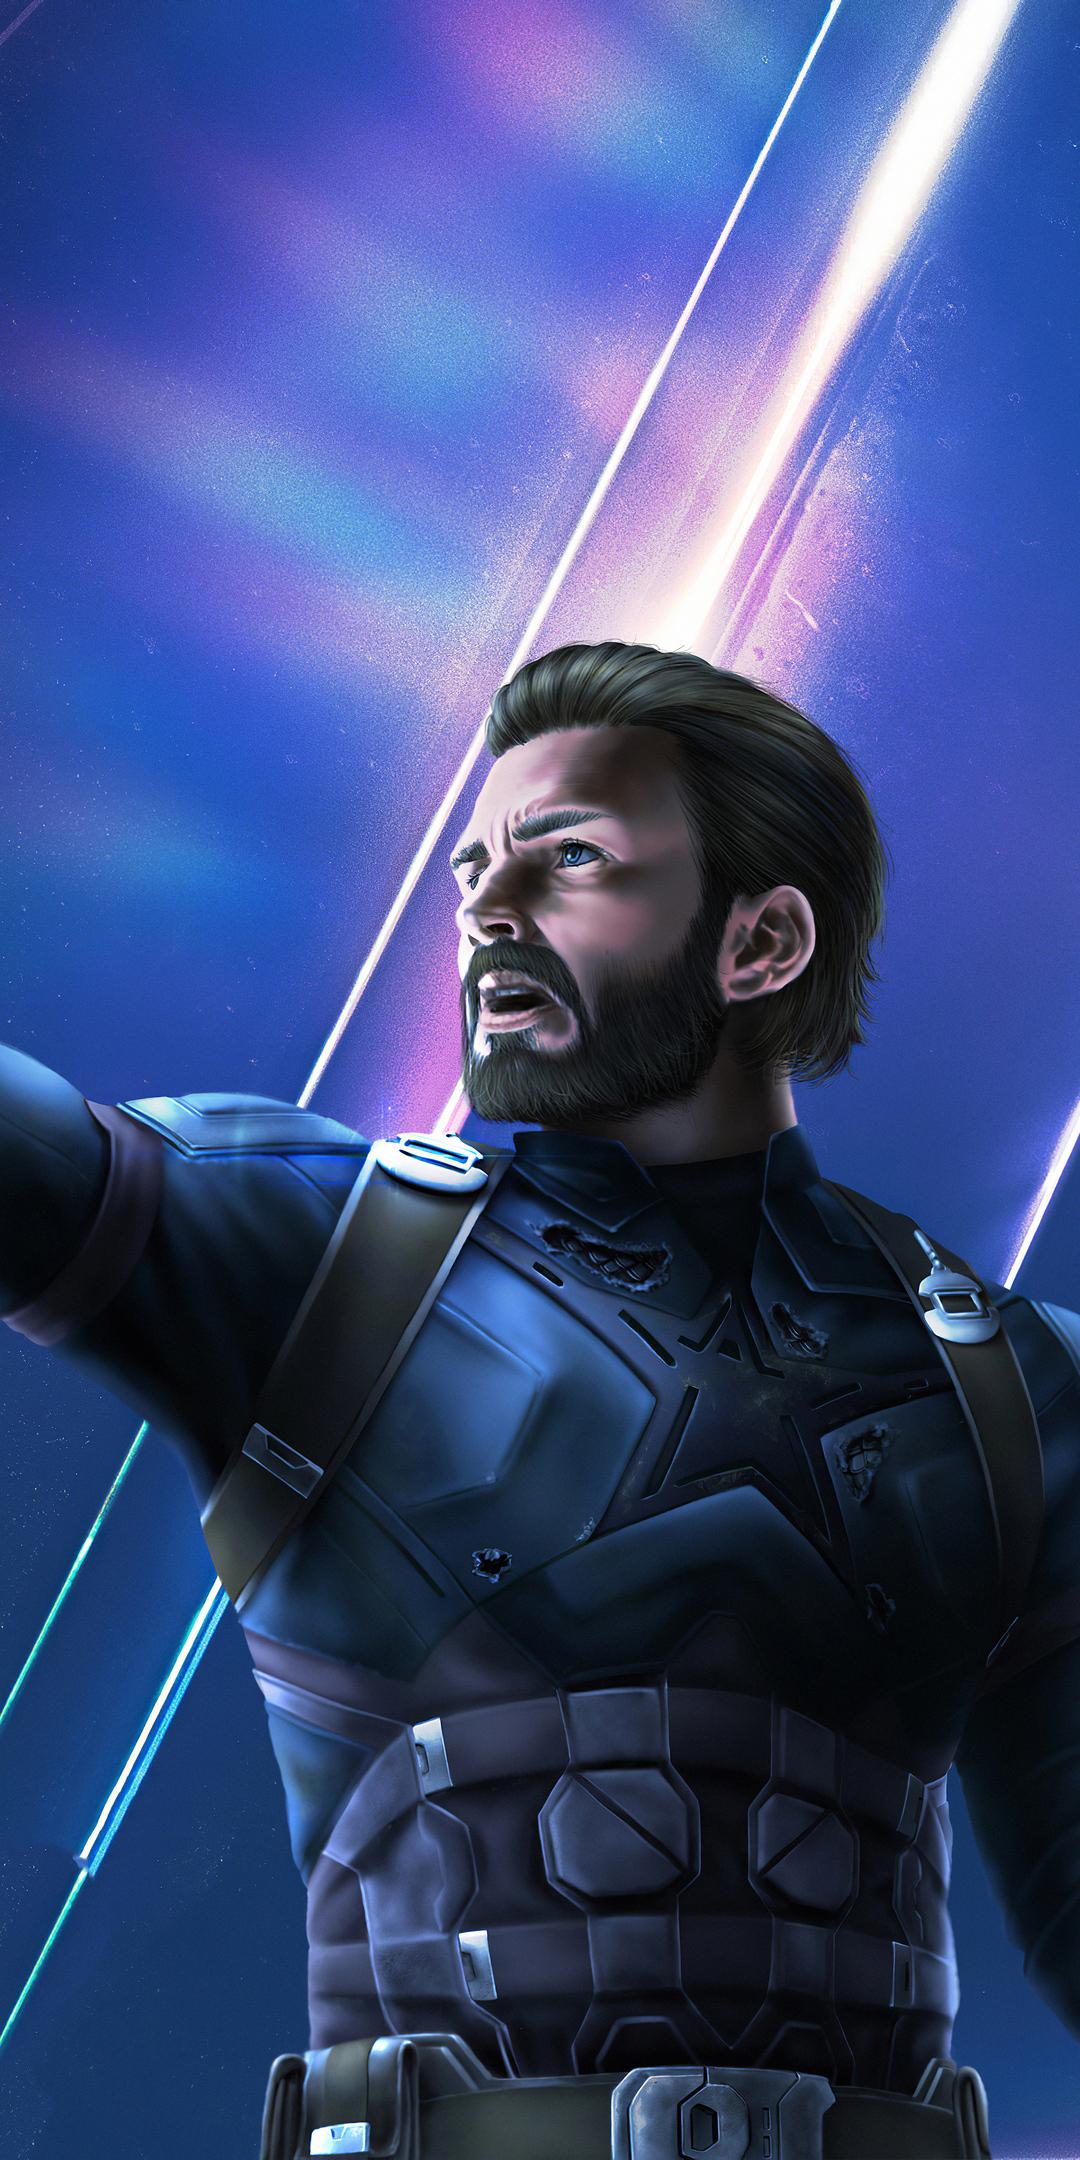 captain-america-art4k-dt.jpg